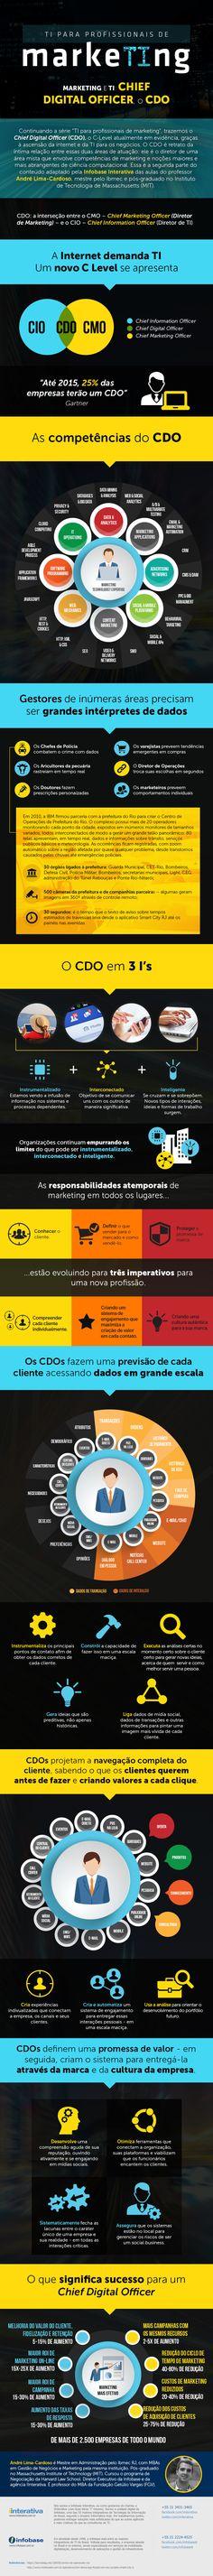 Infográfico – TI para profissionais de marketing – Chief Digital Officer, o CDO http://www.iinterativa.com.br/infografico-ti-para-profissionais-de-marketing-chief-digital-officer-cdo/#cYZ0tYEWuU8XfR6w.99